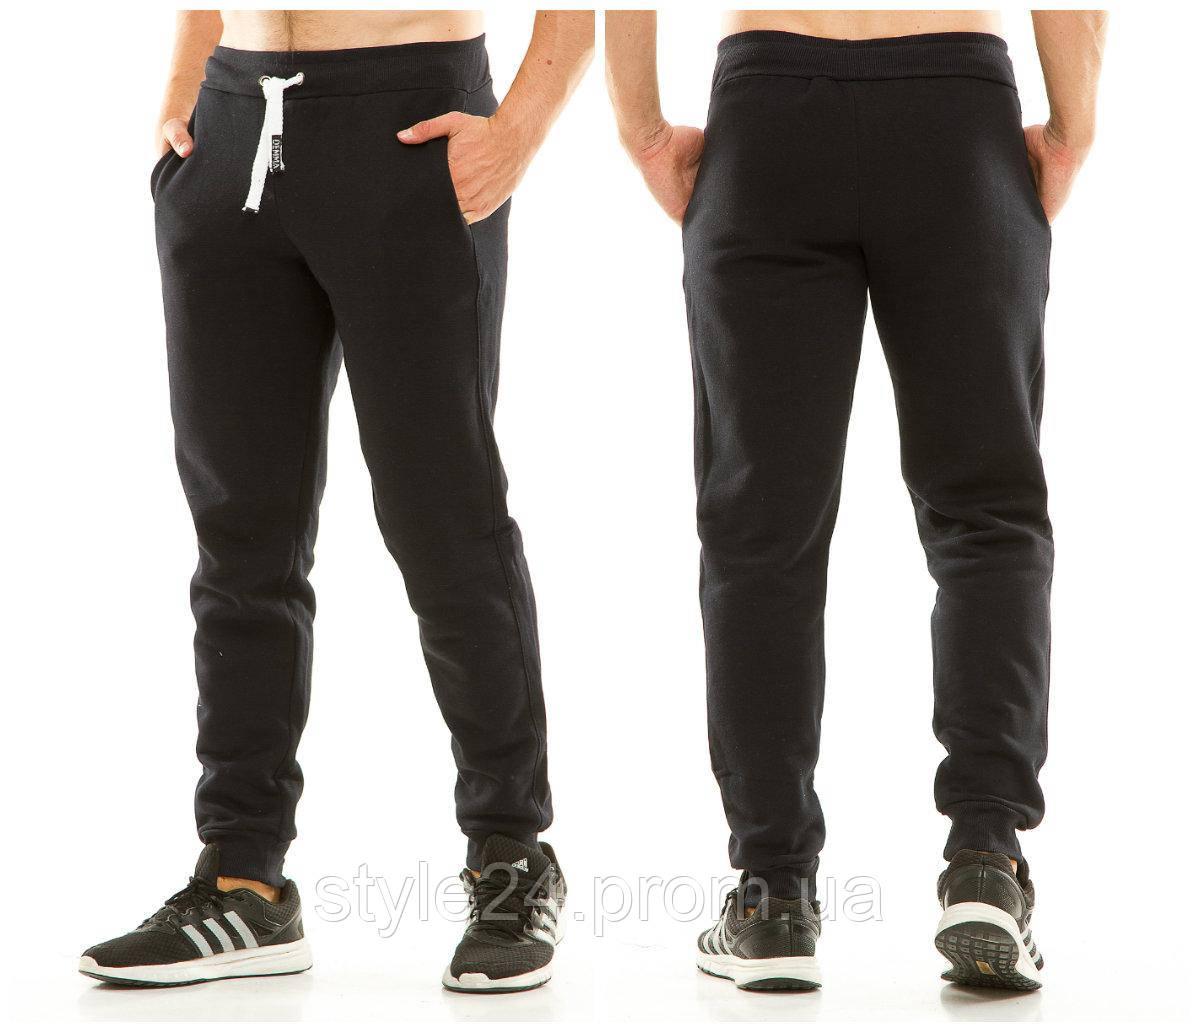 Чоловічі теплі  спортивні штани з манжетами внизу, 3 кольори.Р-ри  48-56